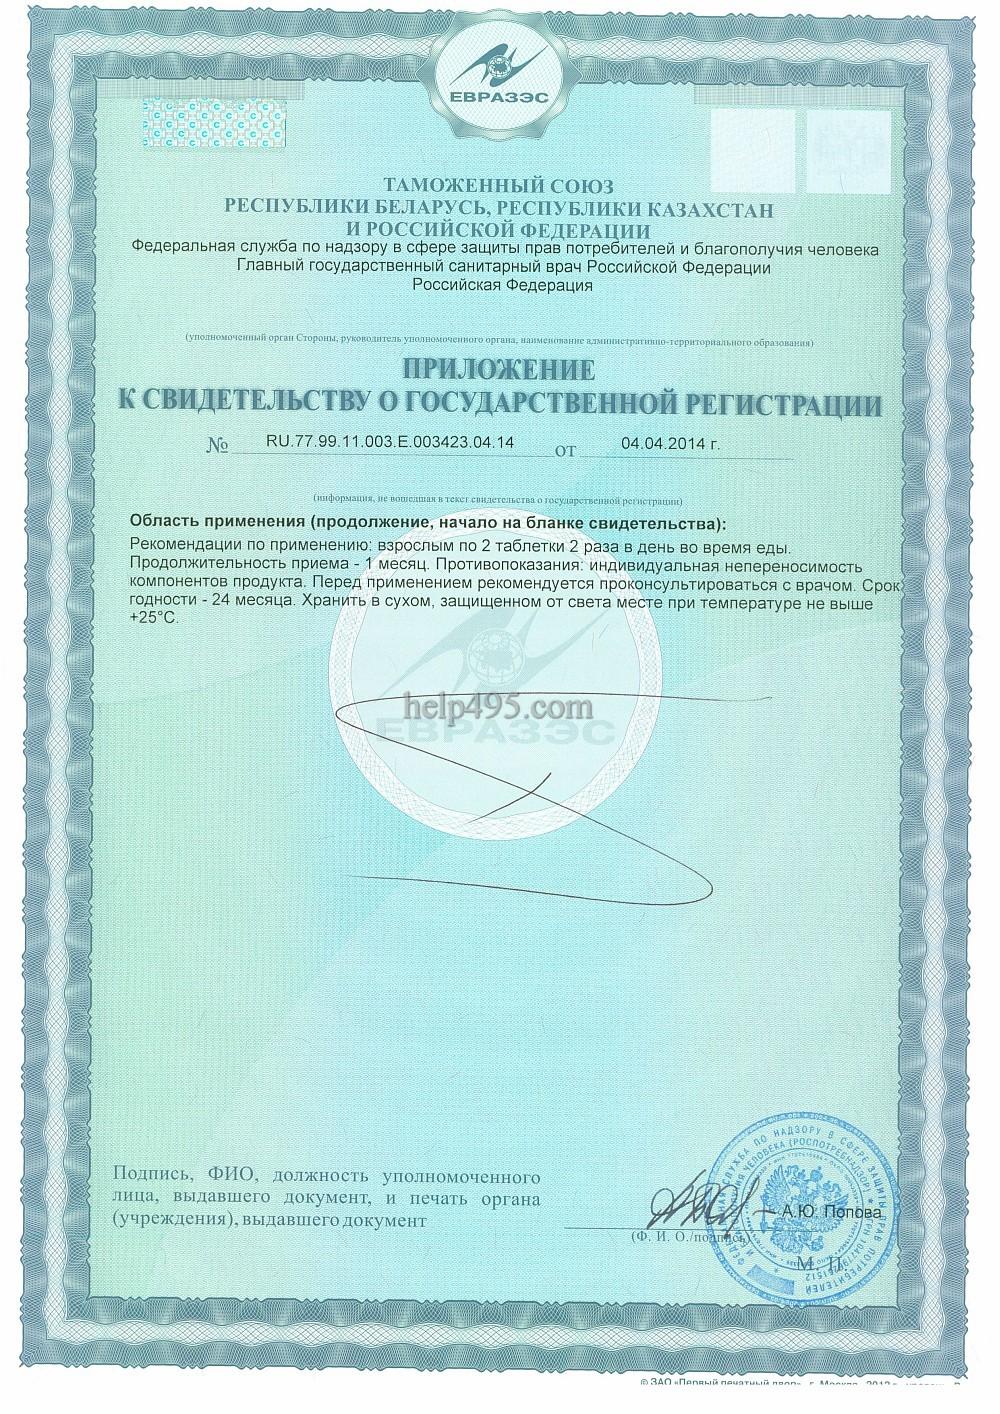 2-ая стр. сертификата препарата: Витамины для глаз